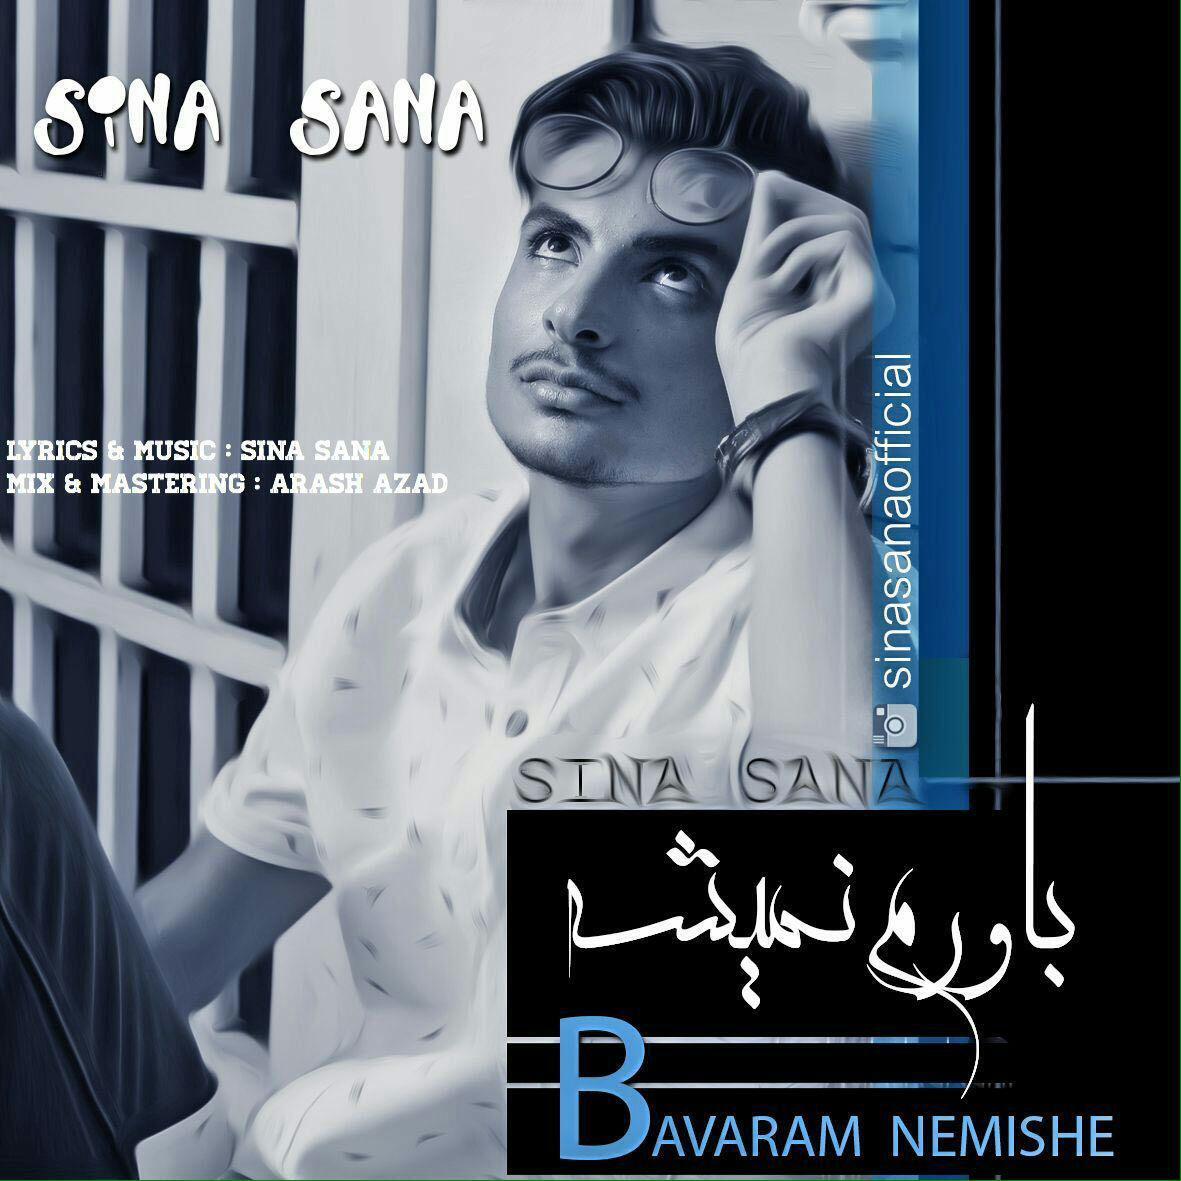 دانلود آهنگ جدید و زیبای سینا ثنا باورم نمیشه